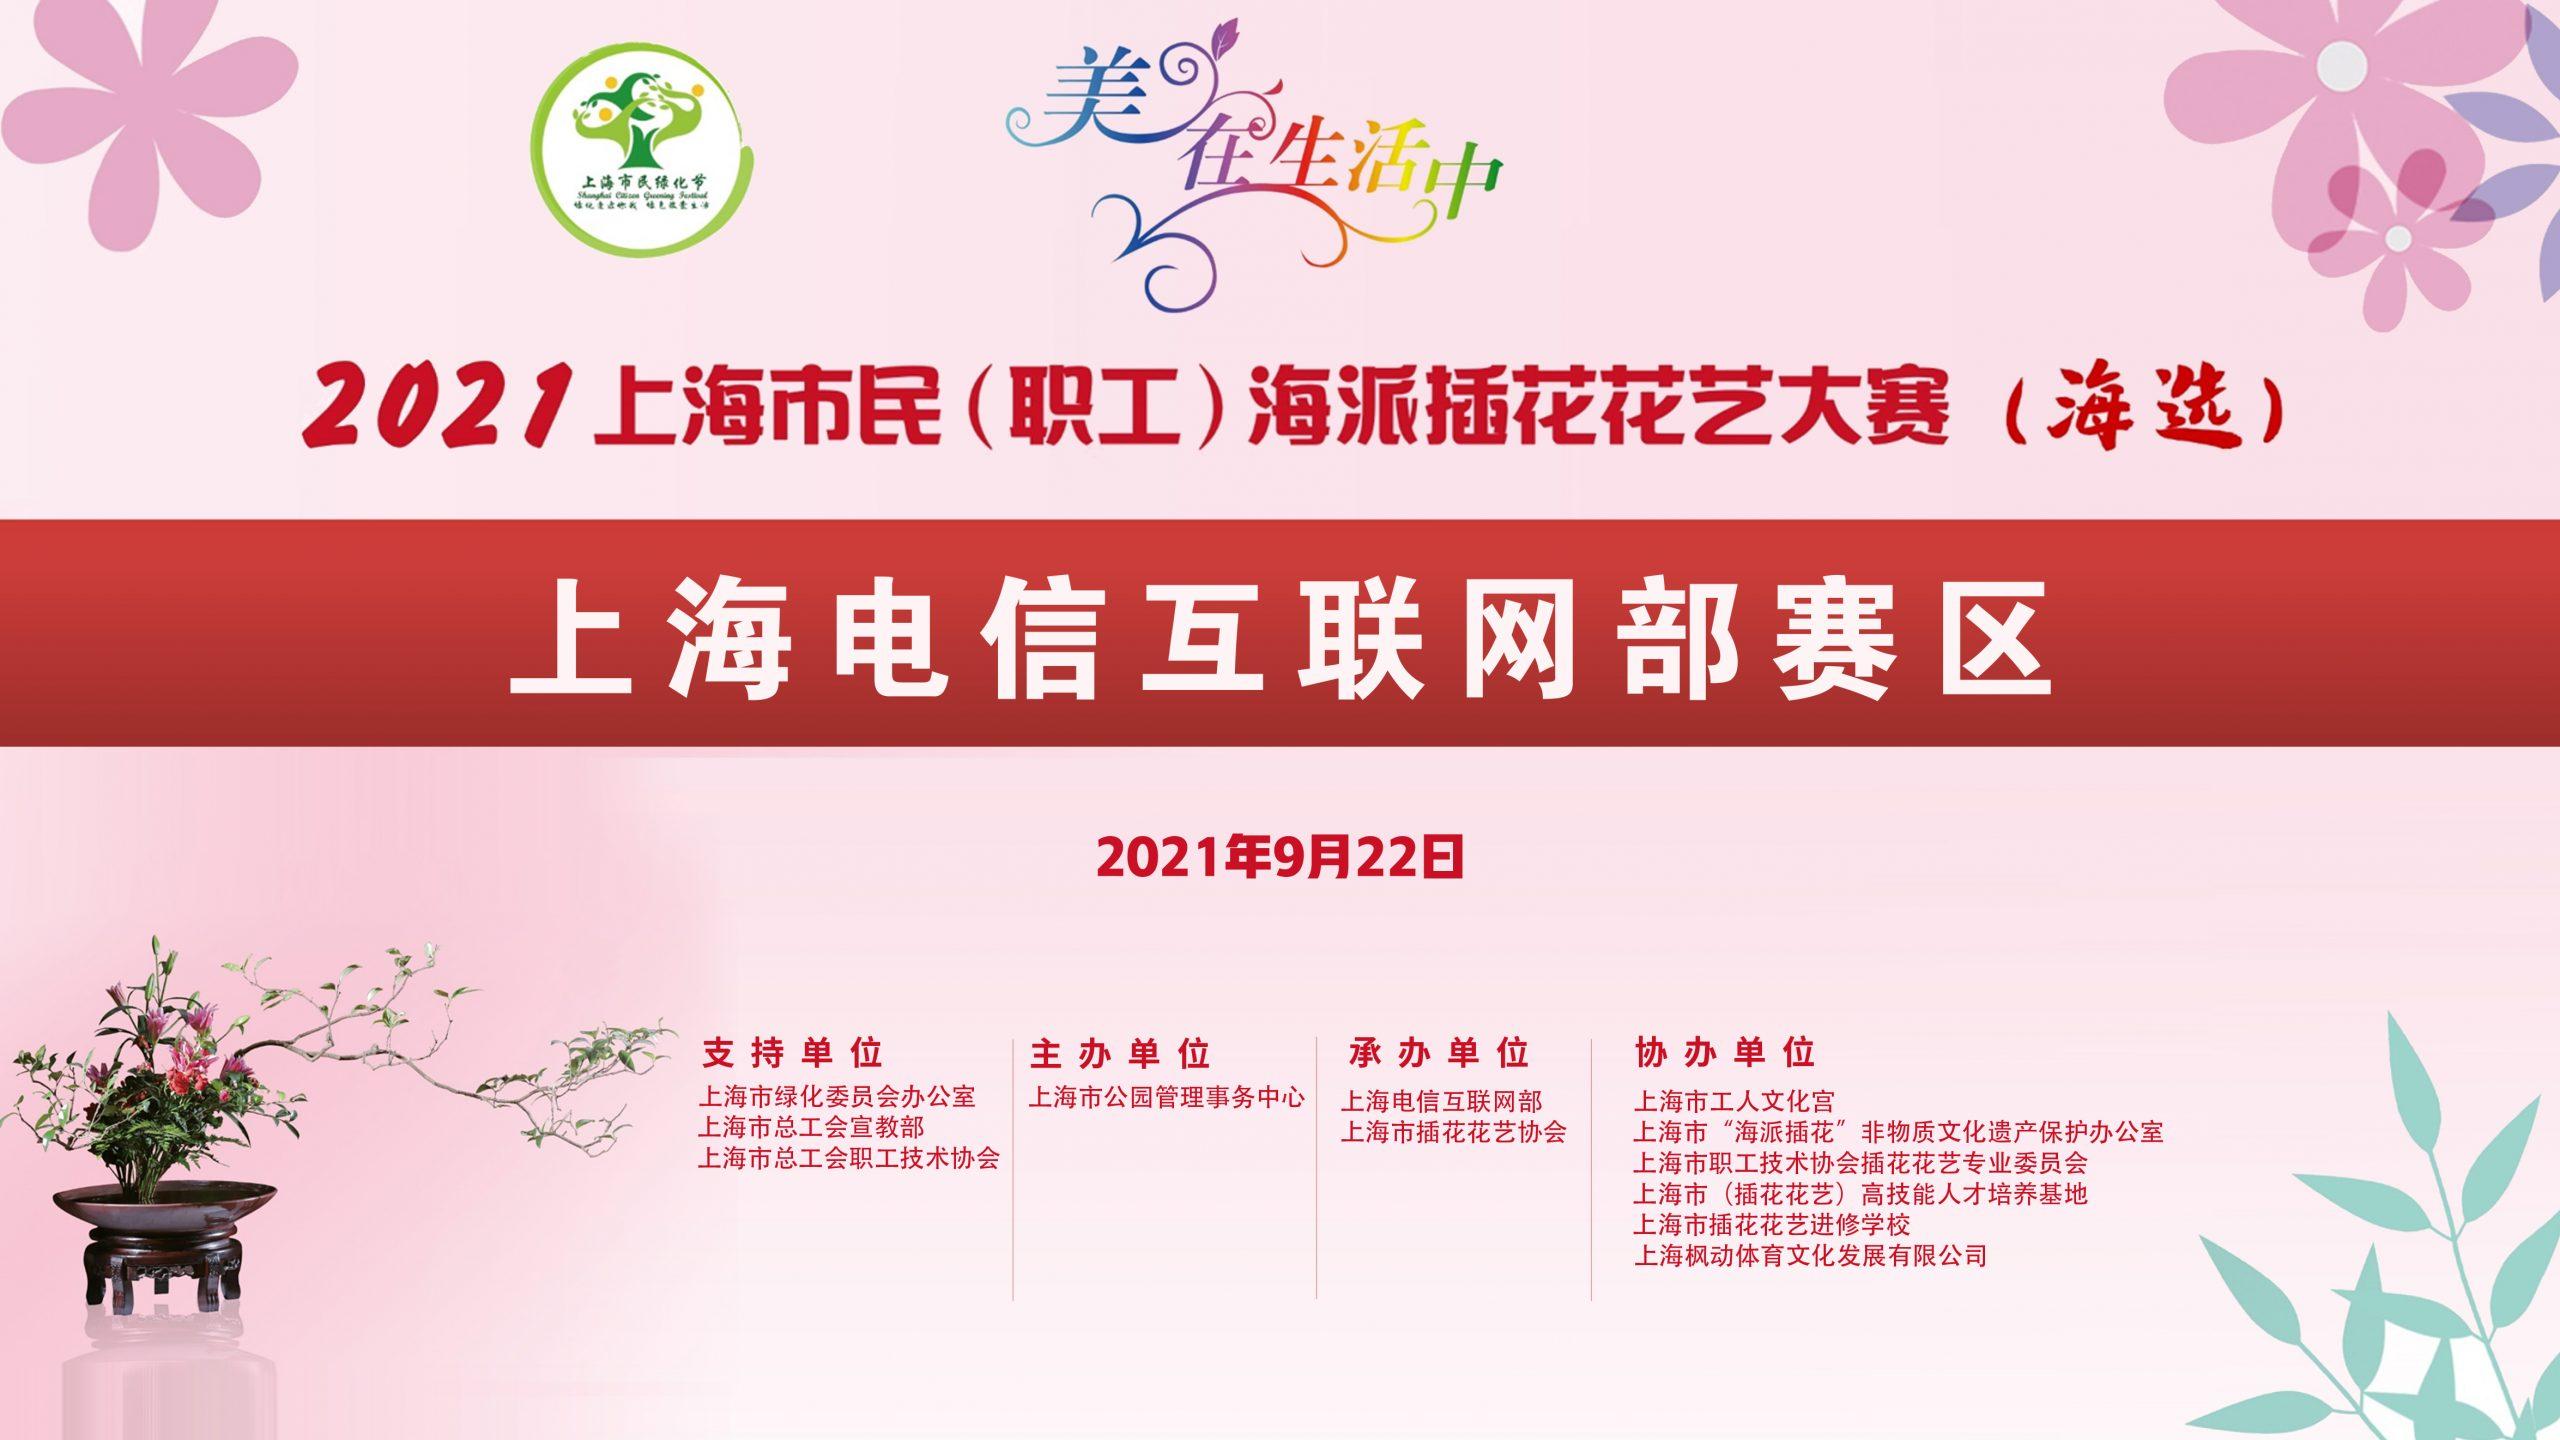 2021年上海市民(职工)海派插花花艺大赛(上海电信互联部赛区)